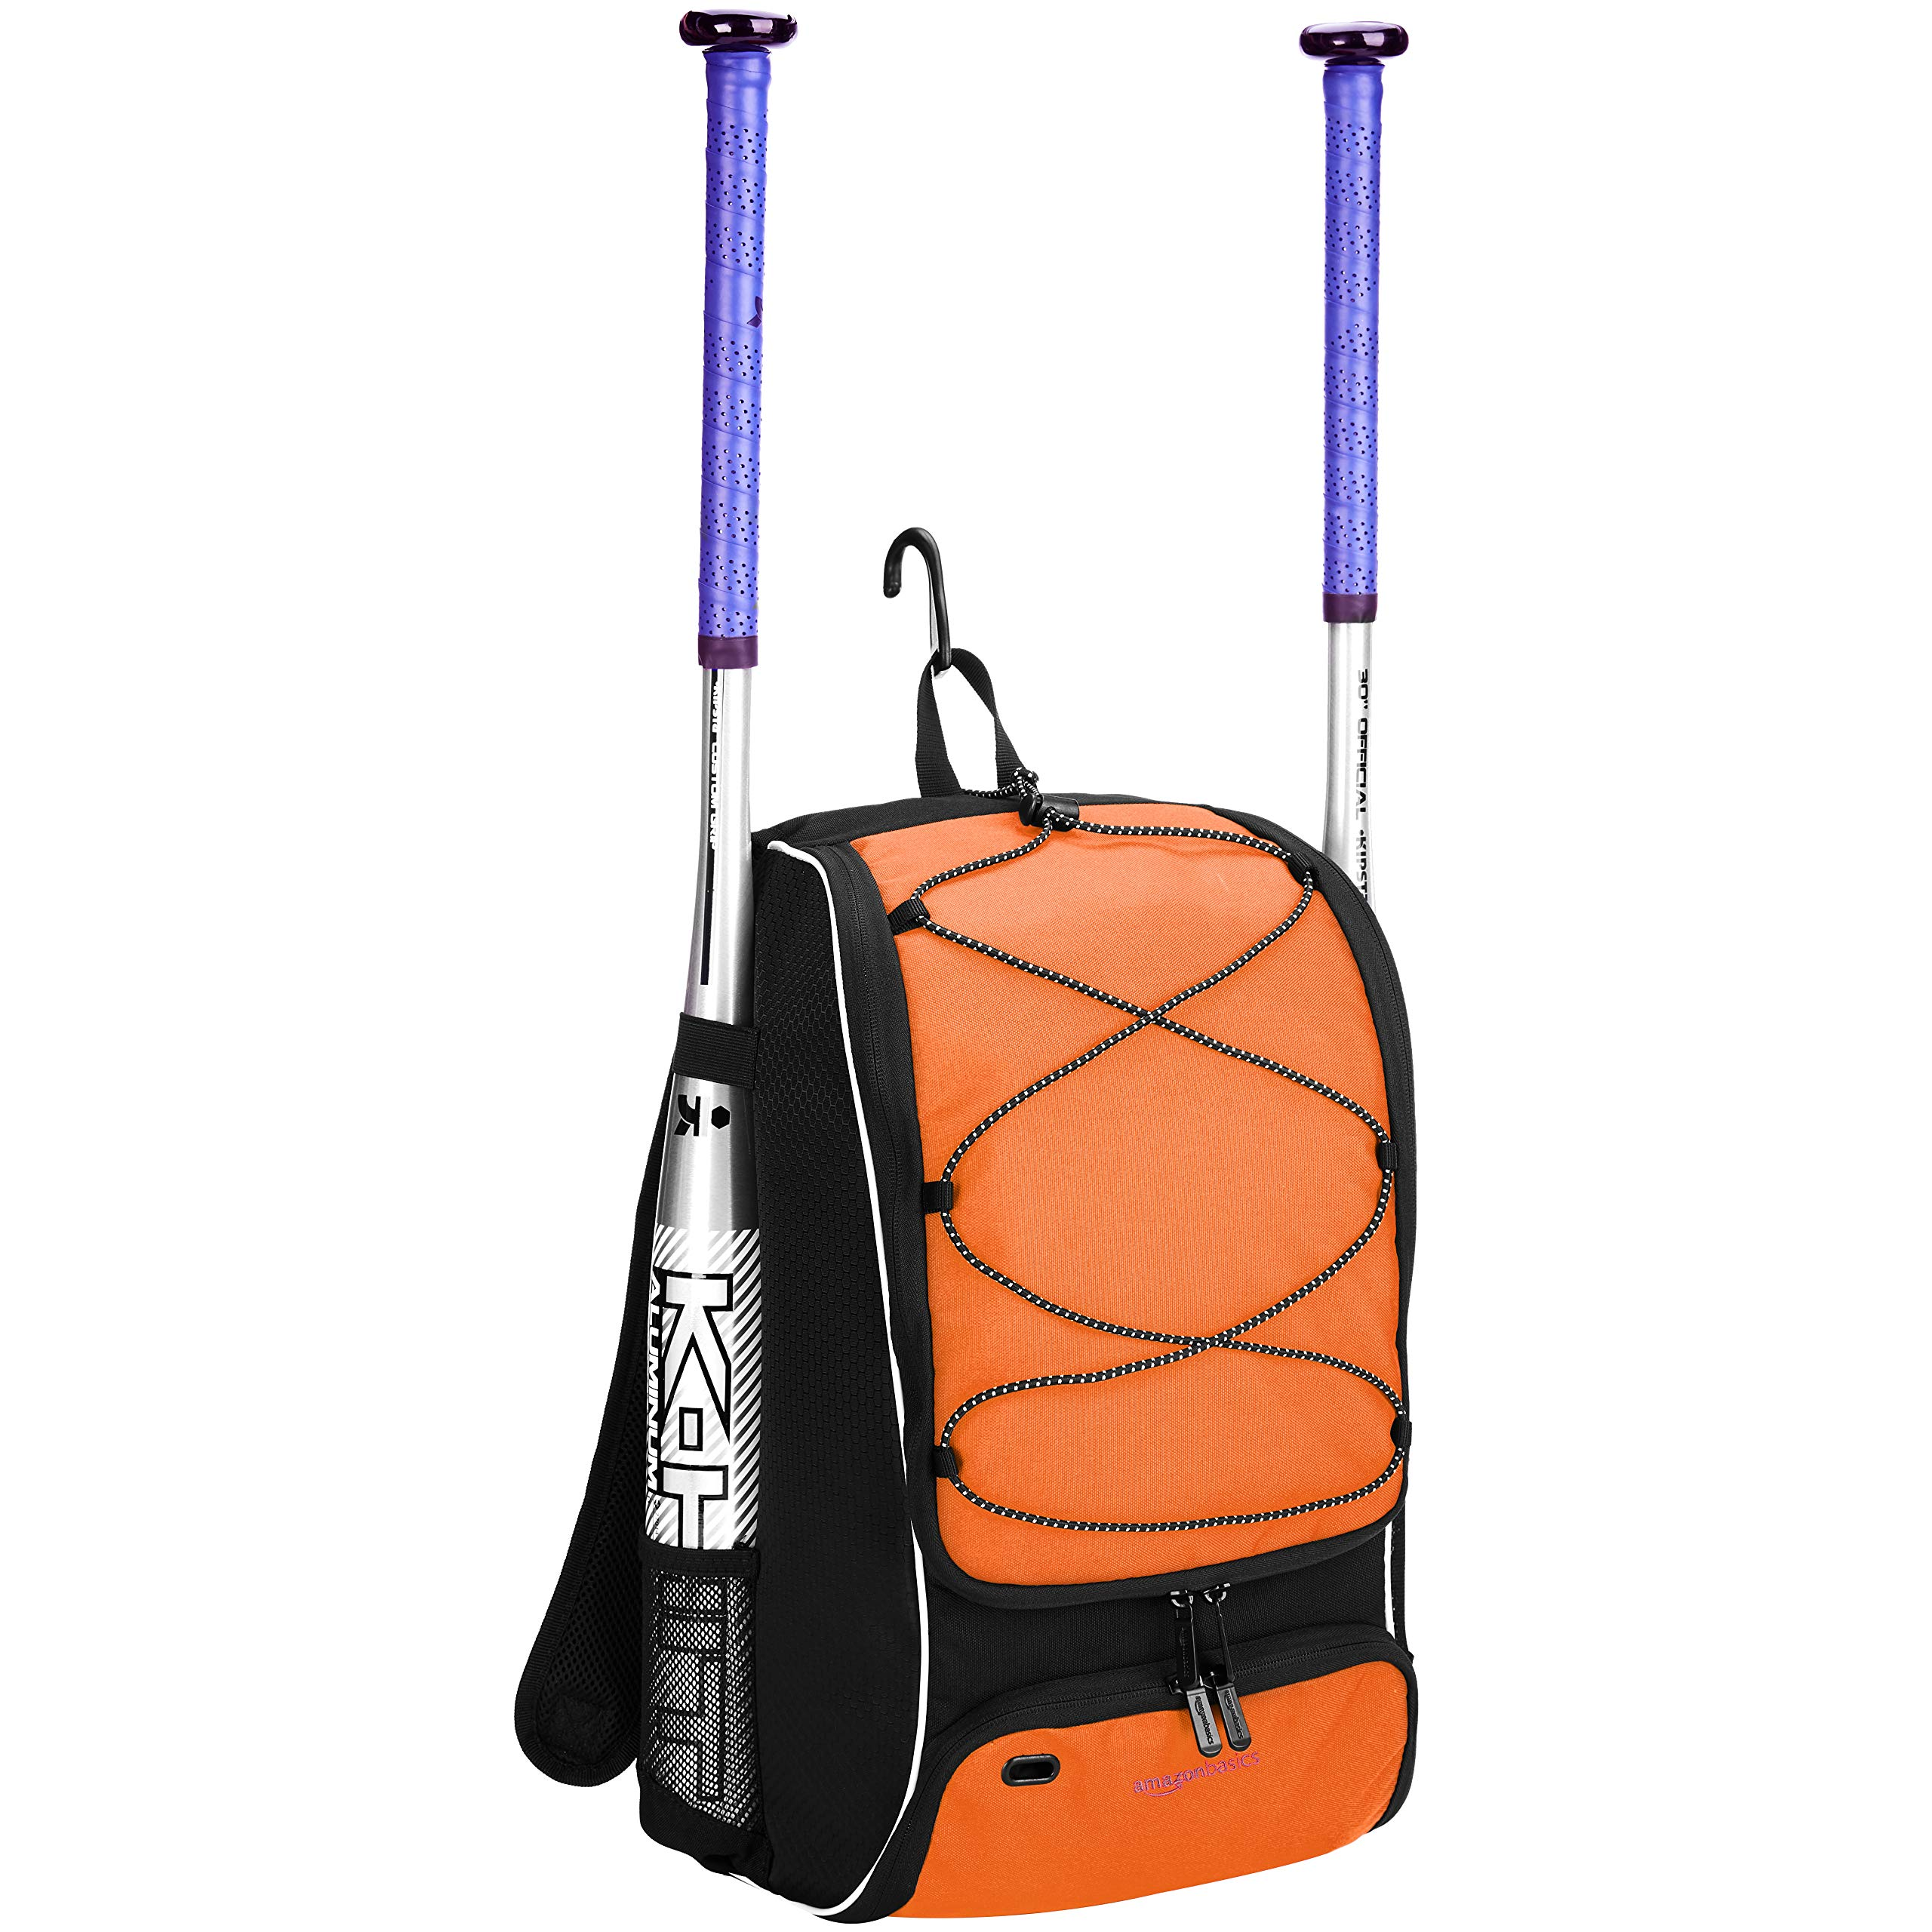 AmazonBasics Youth Baseball Equipment Backpack, Orange by AmazonBasics (Image #2)